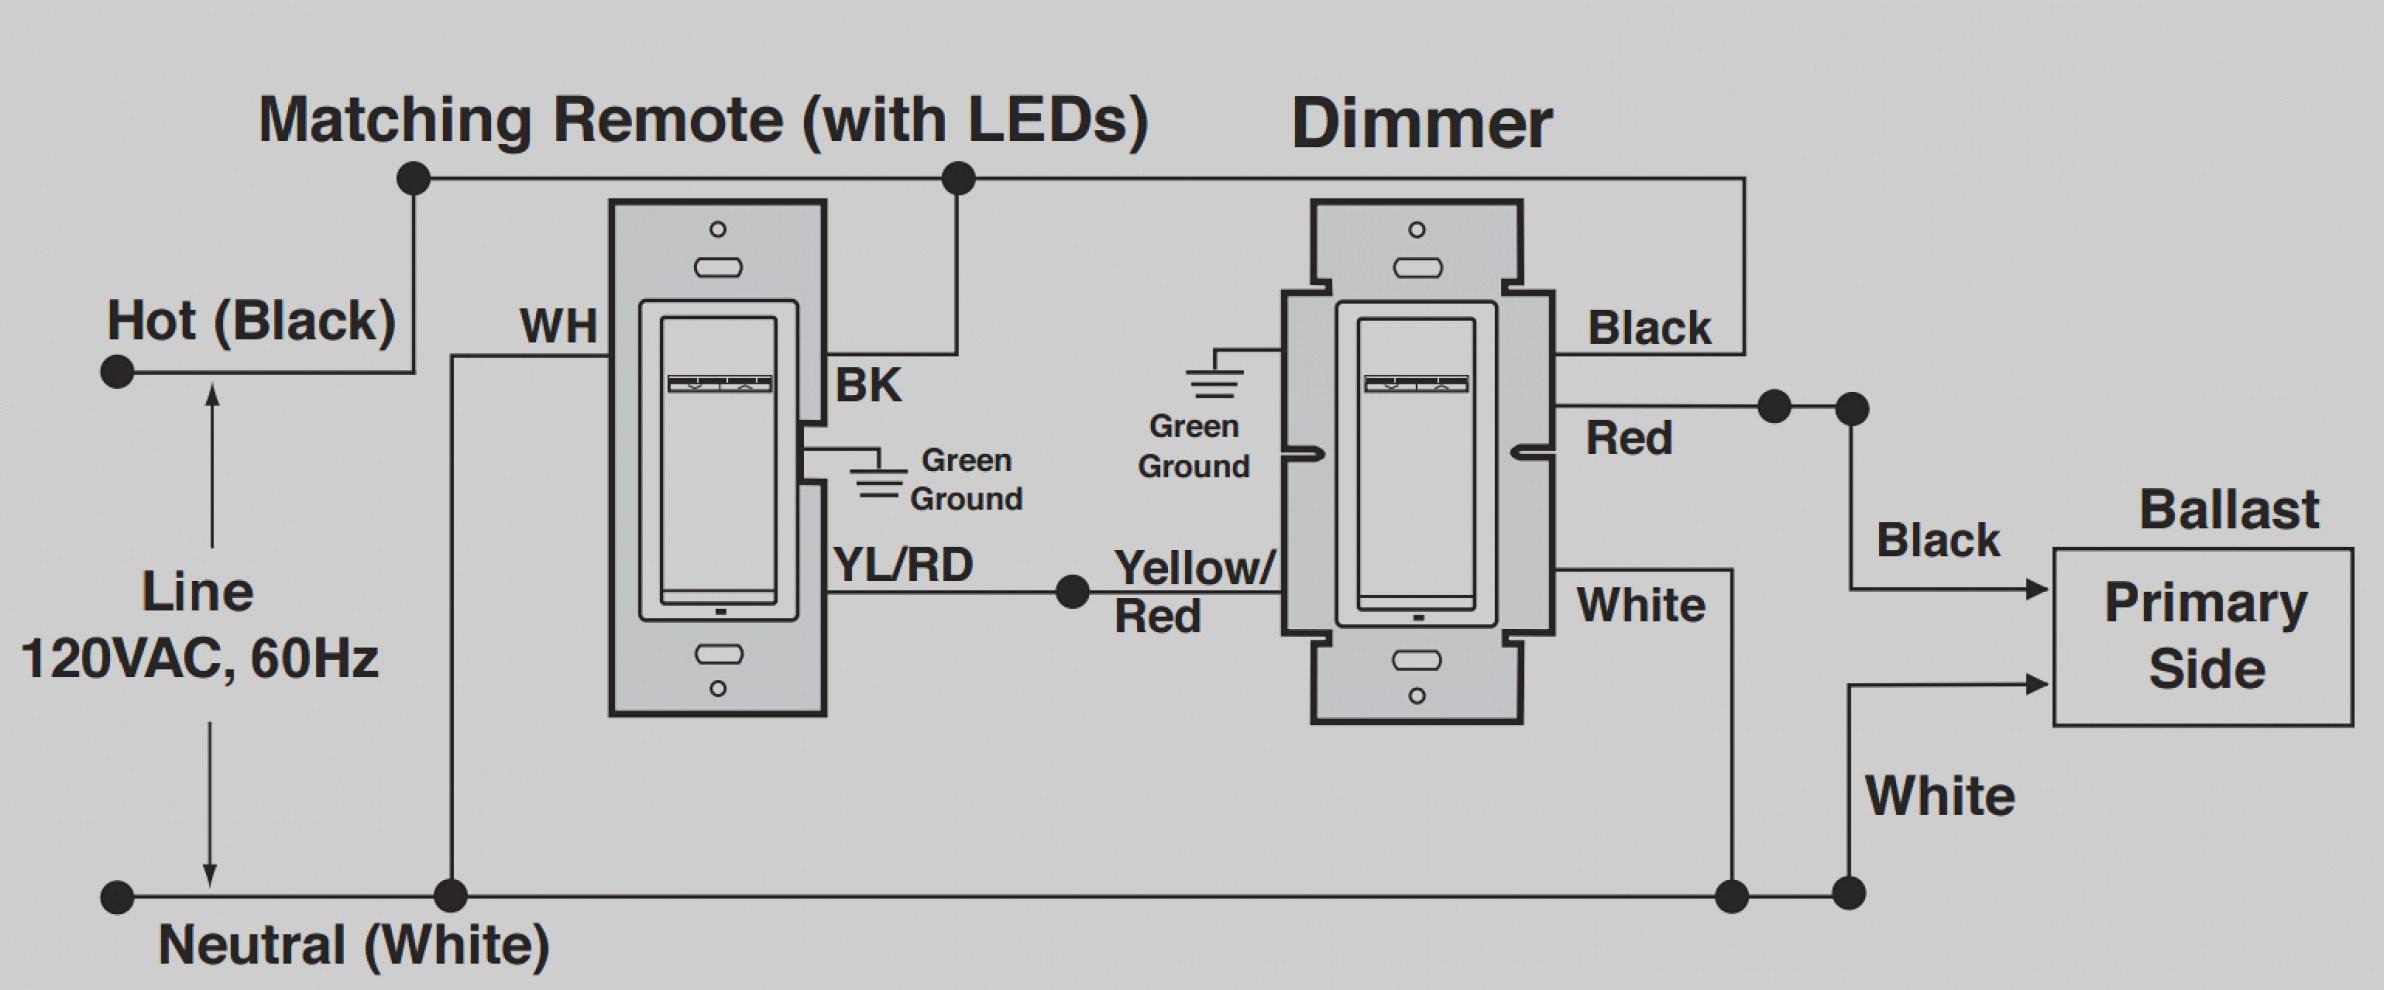 25 Lutron Occupancy Sensor Wiring Diagram - Wiring Database 2020Wiring Database 2020